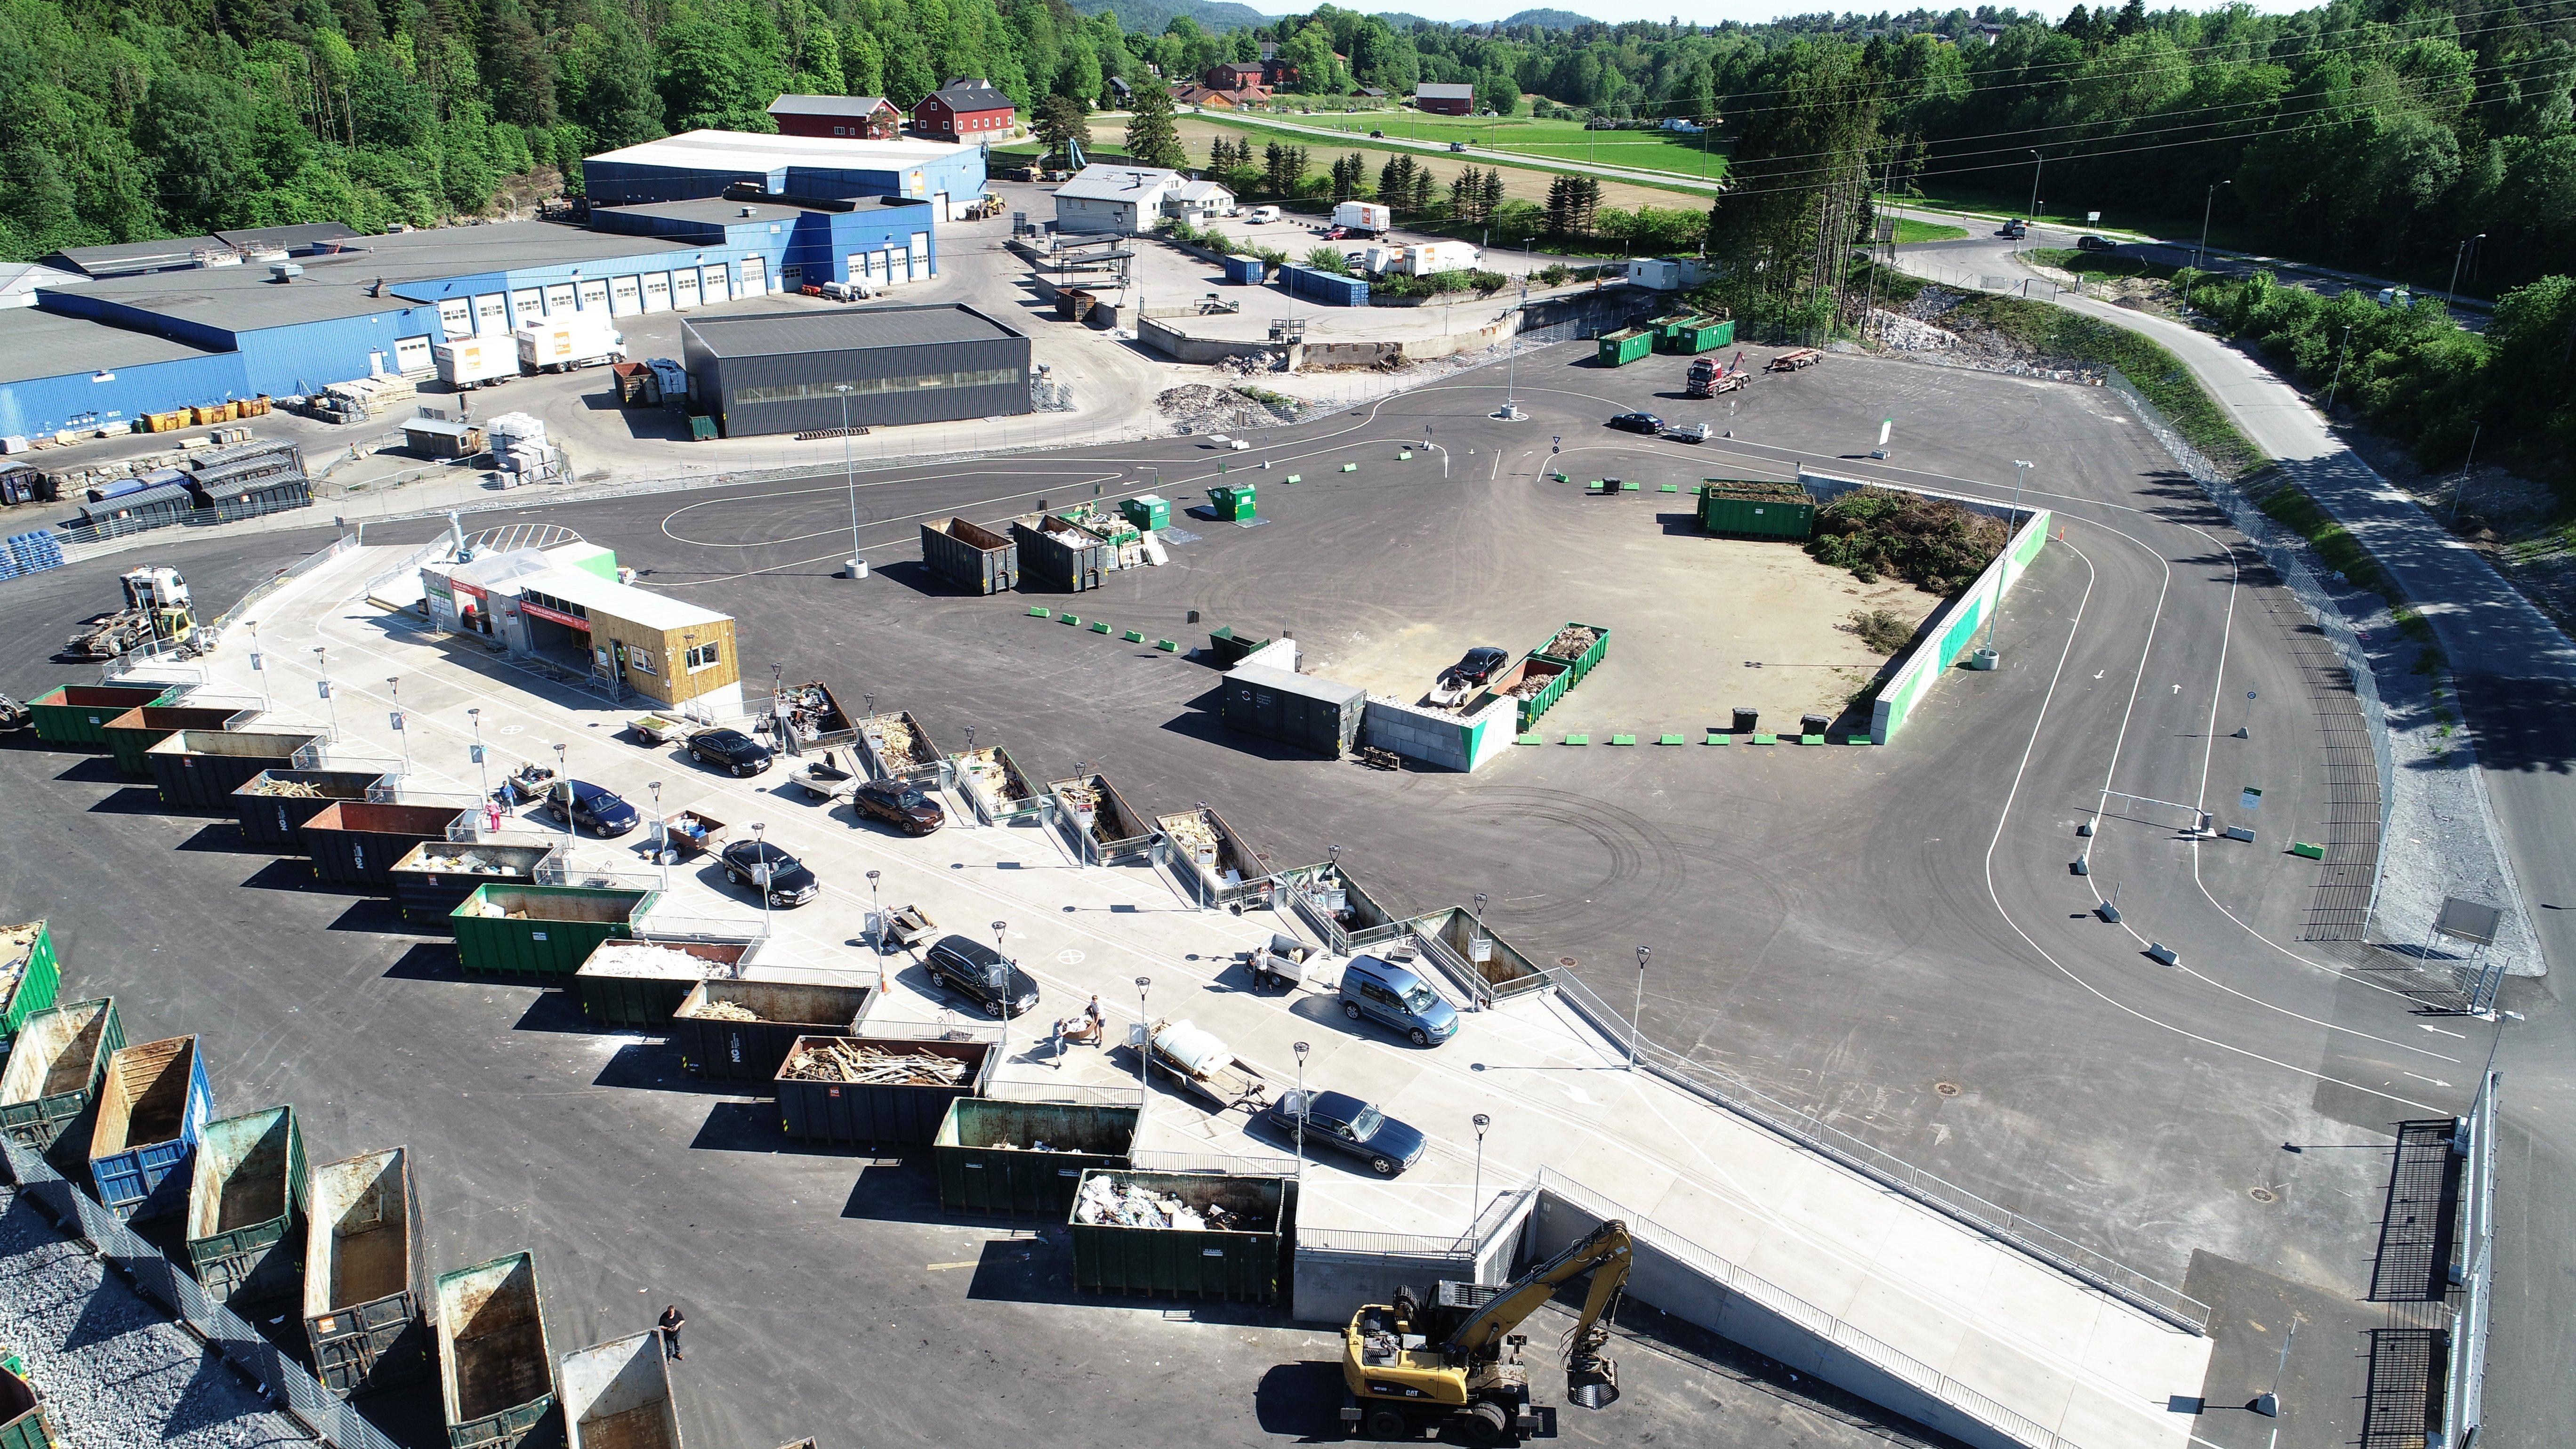 Modulo Systems er totalleverandør af genbrugspladser og udstyr til affalds- og genbrugsbranchen